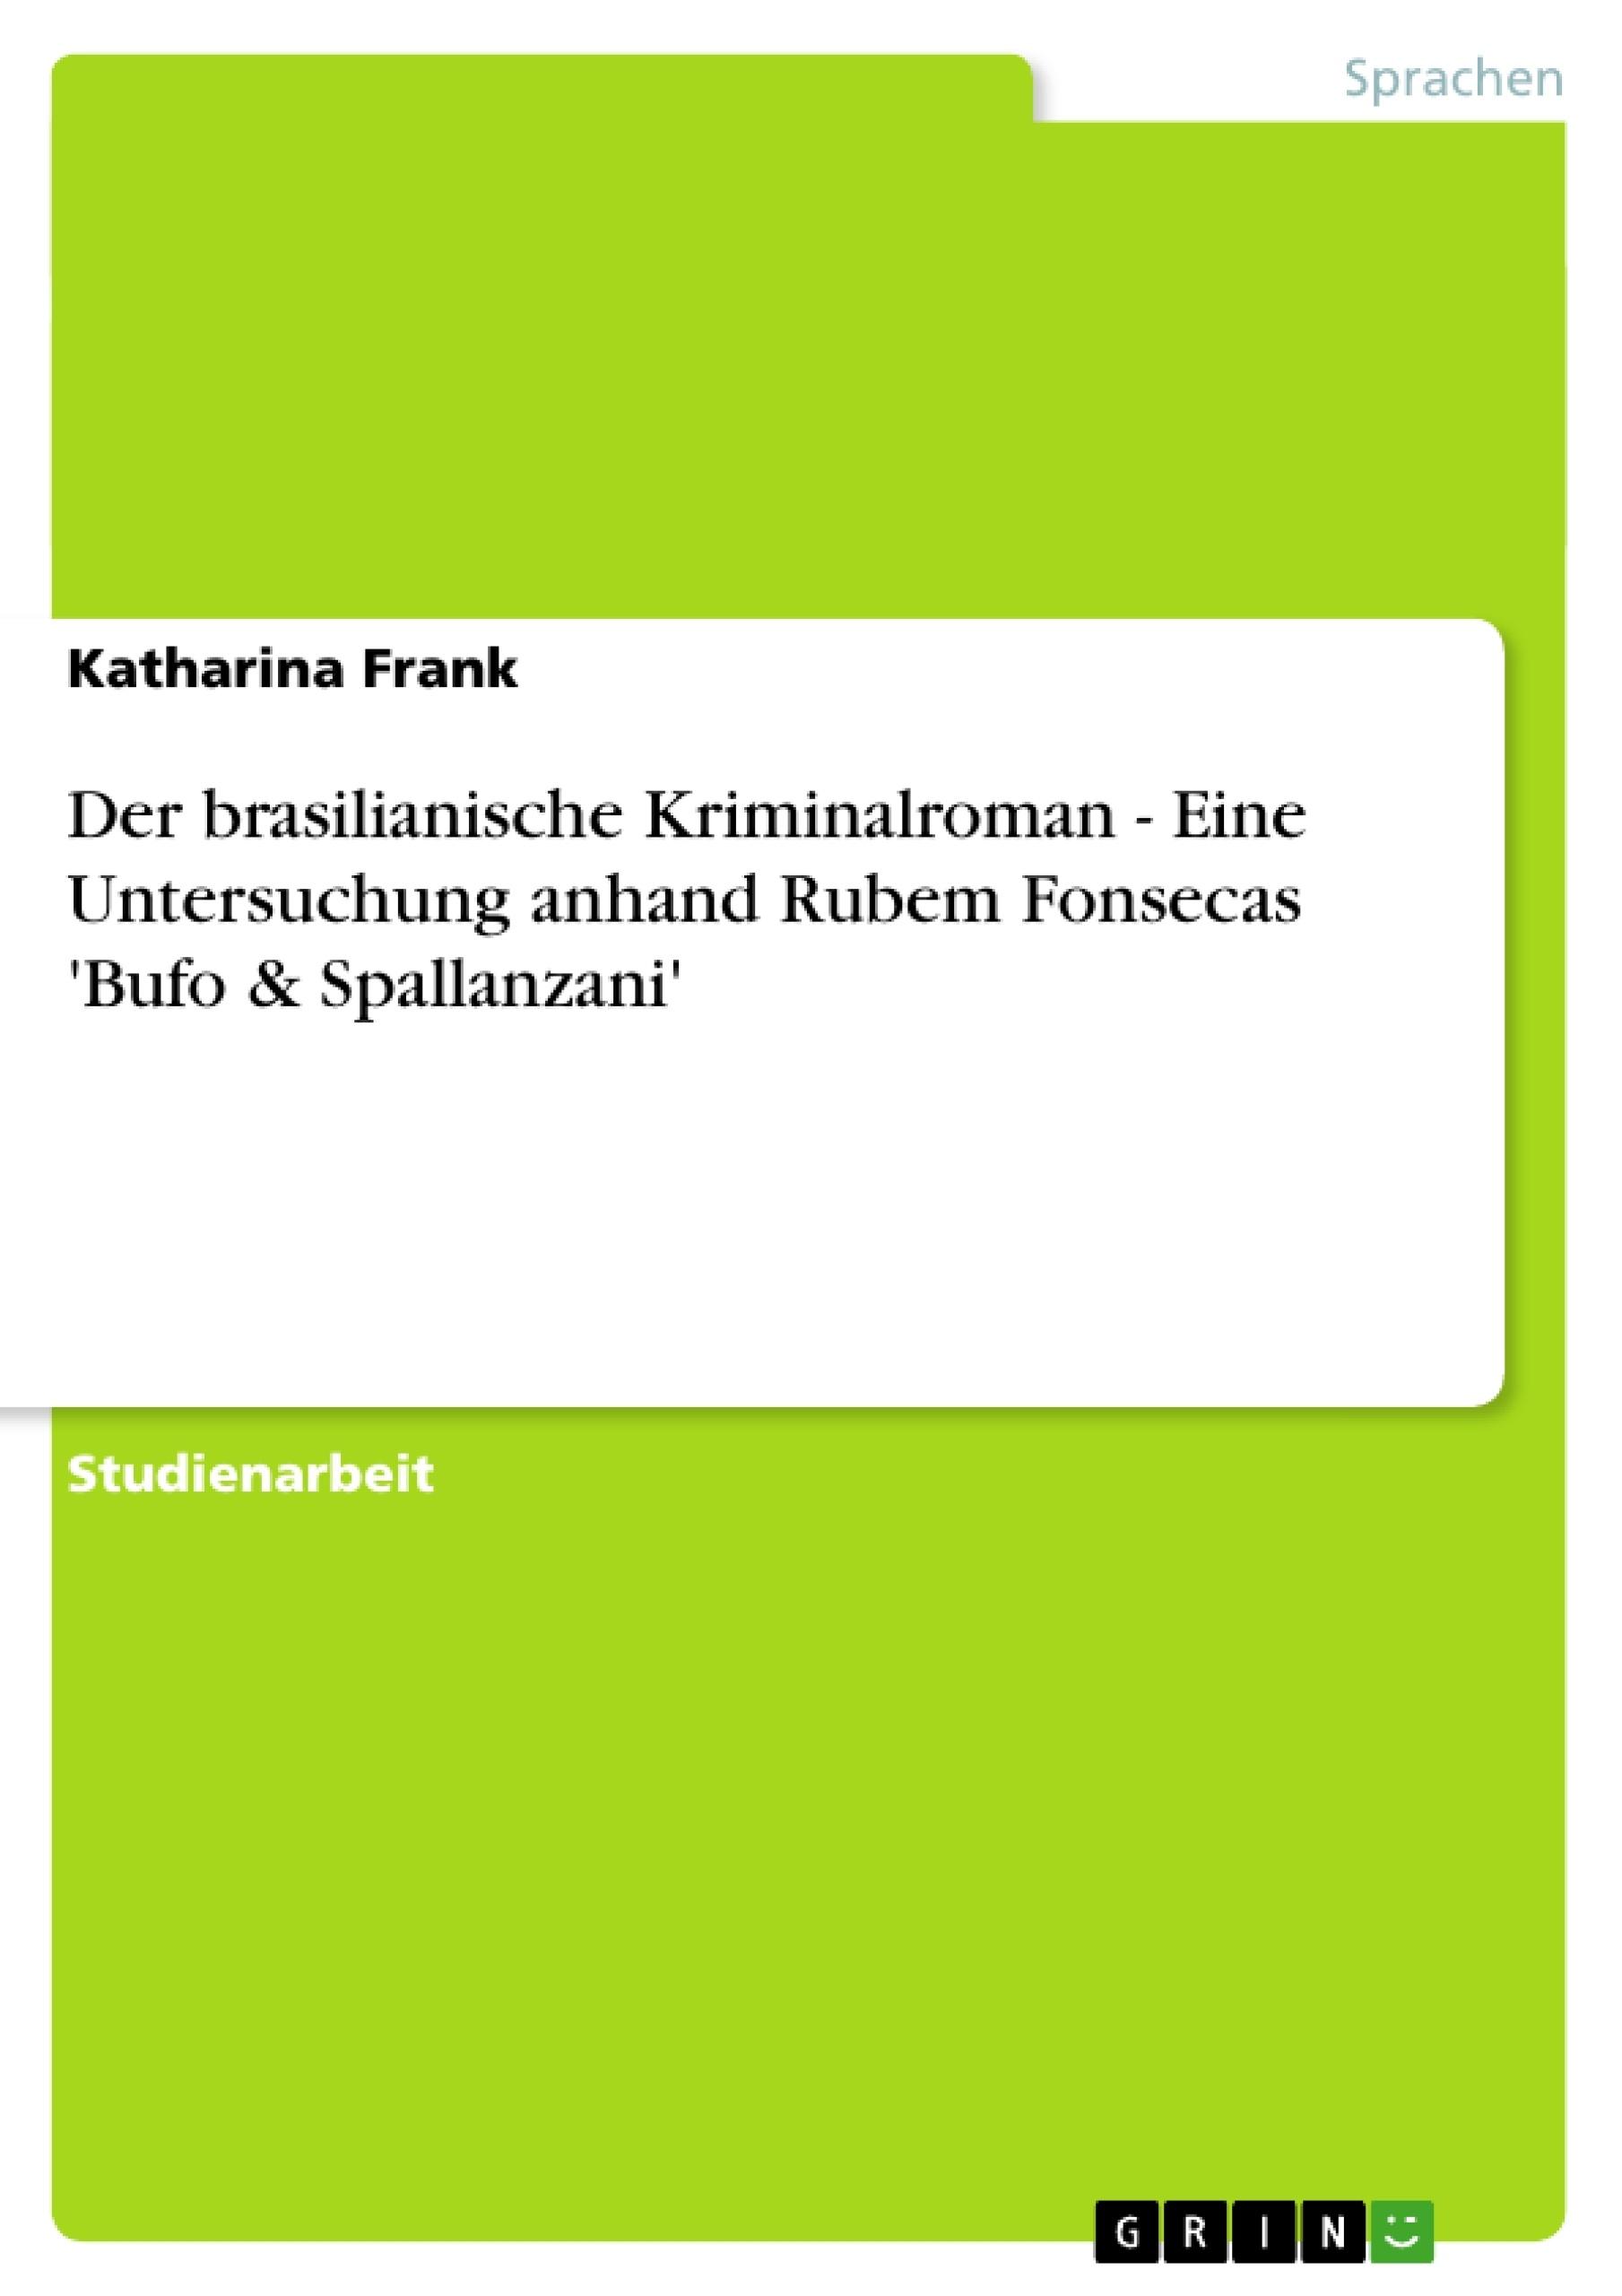 Titel: Der brasilianische Kriminalroman - Eine Untersuchung anhand Rubem Fonsecas 'Bufo & Spallanzani'